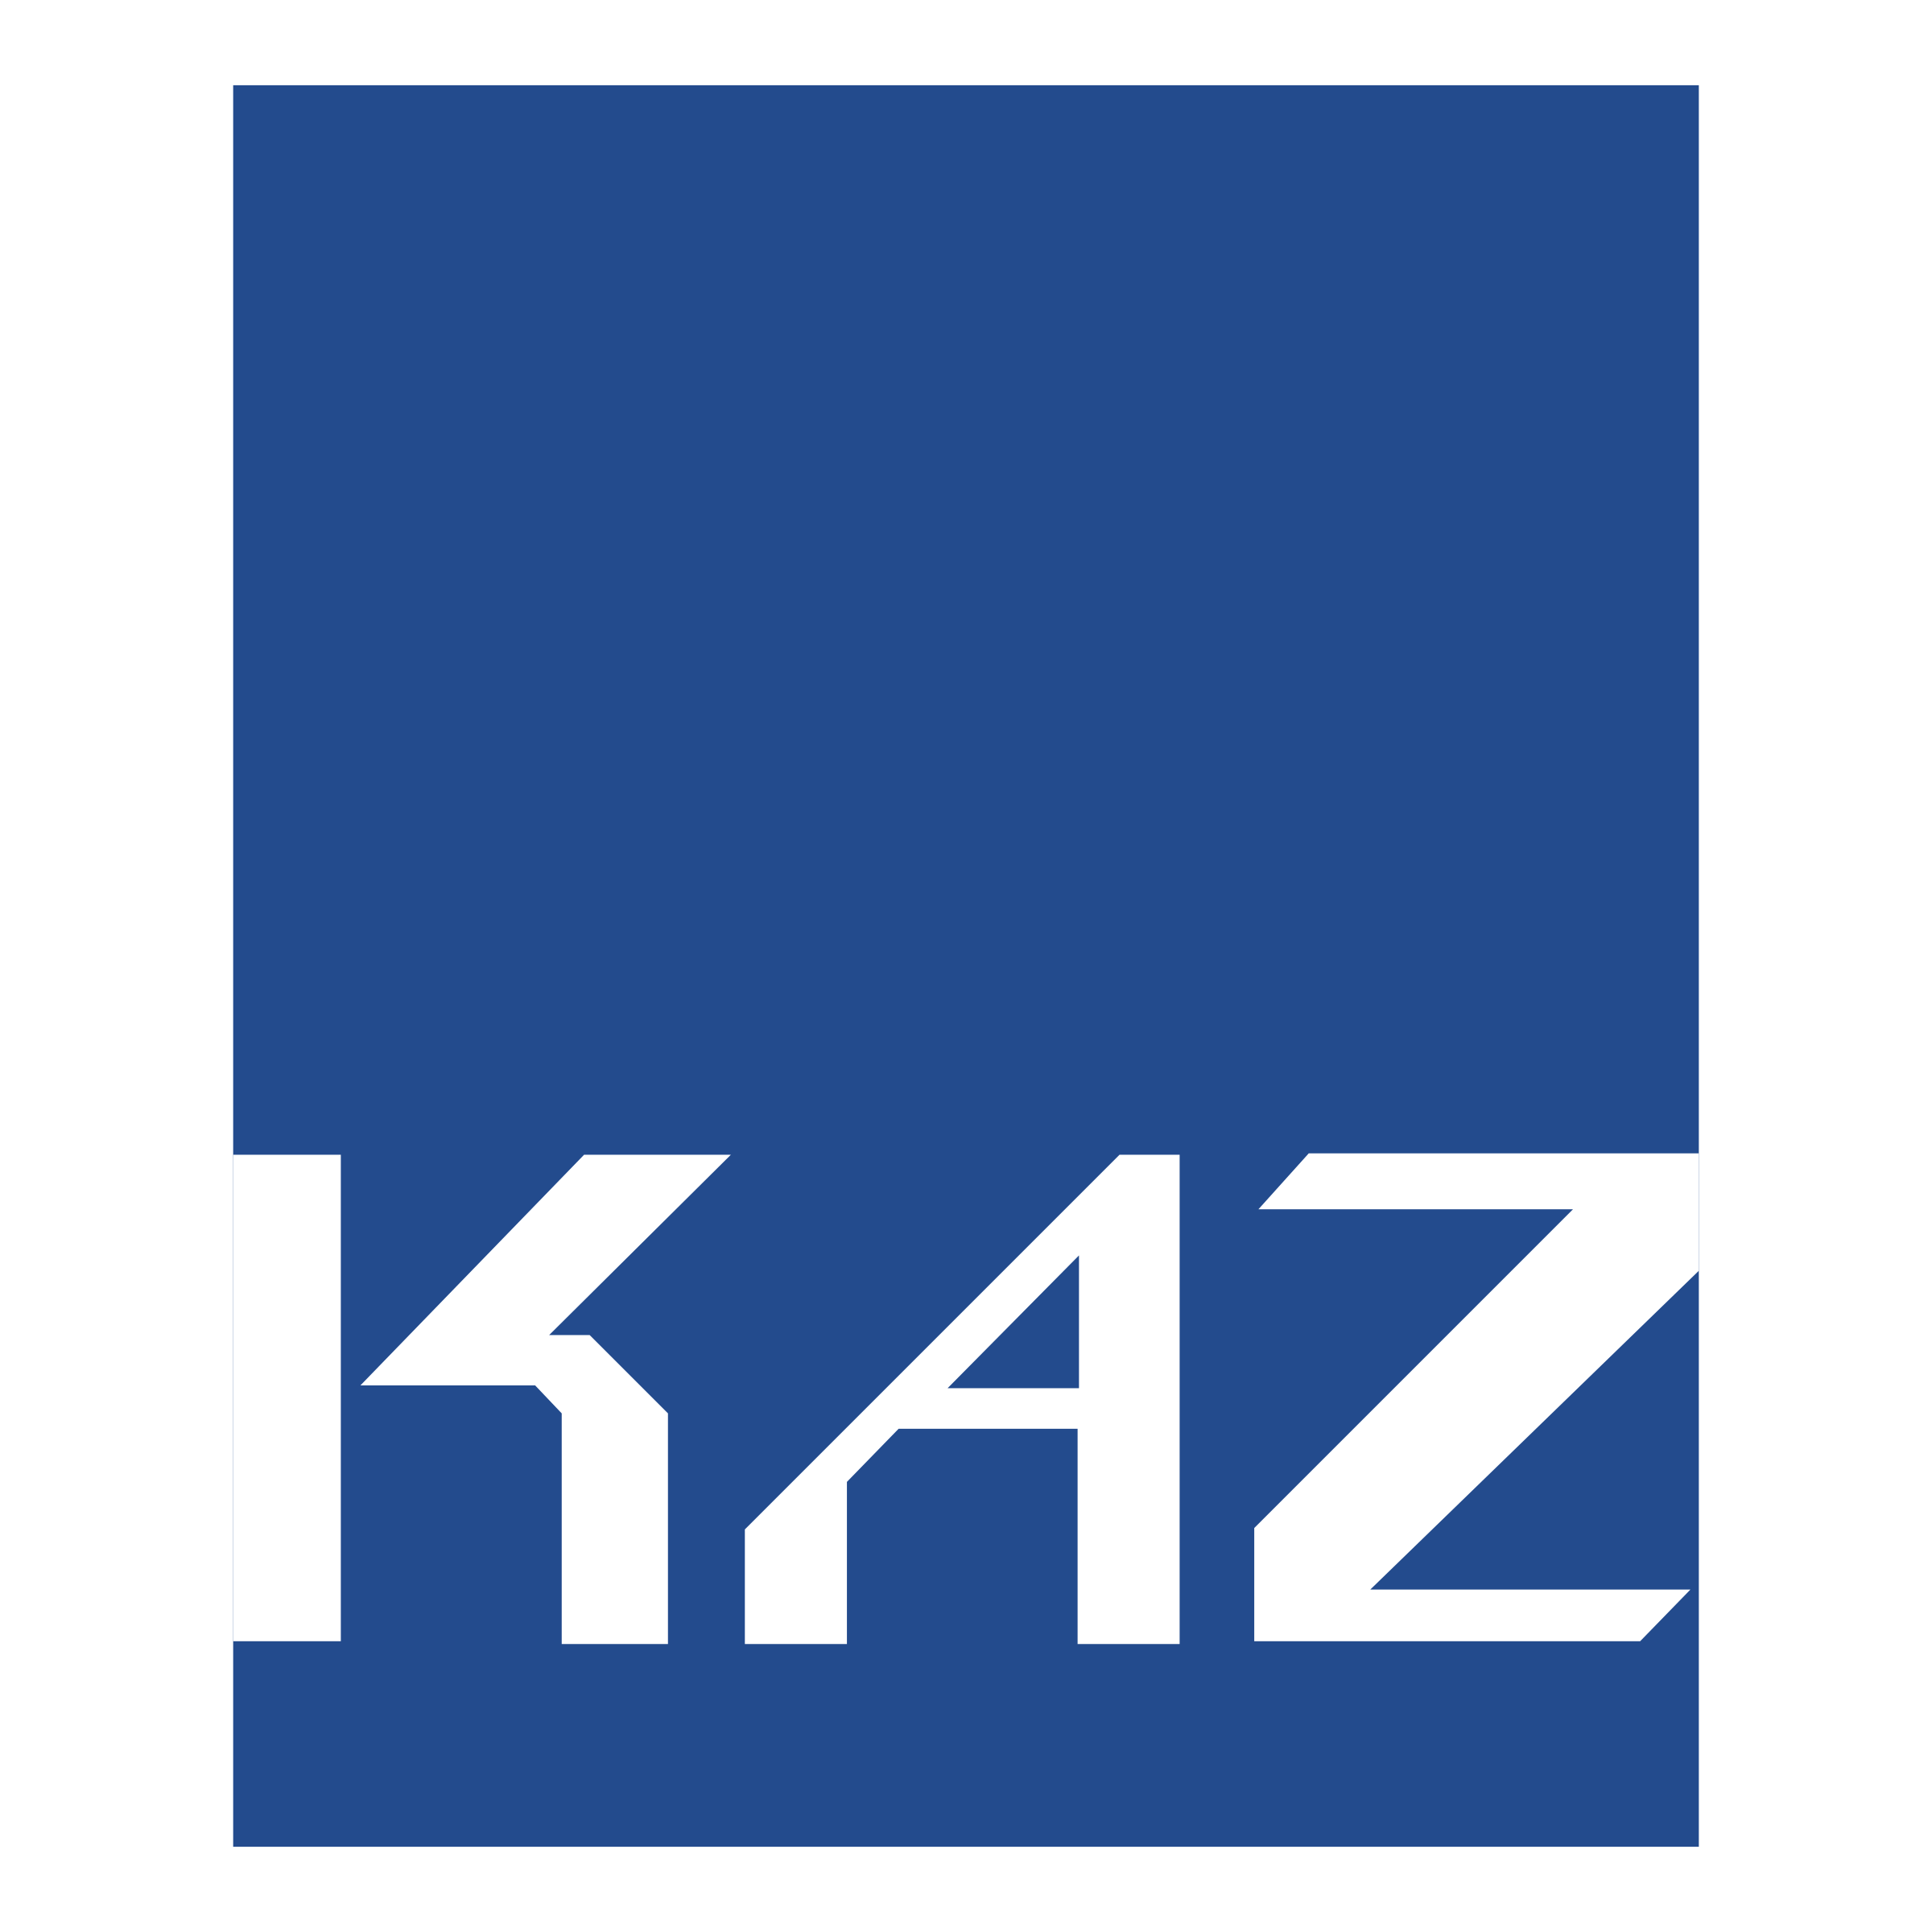 kaz logo png transparent 1